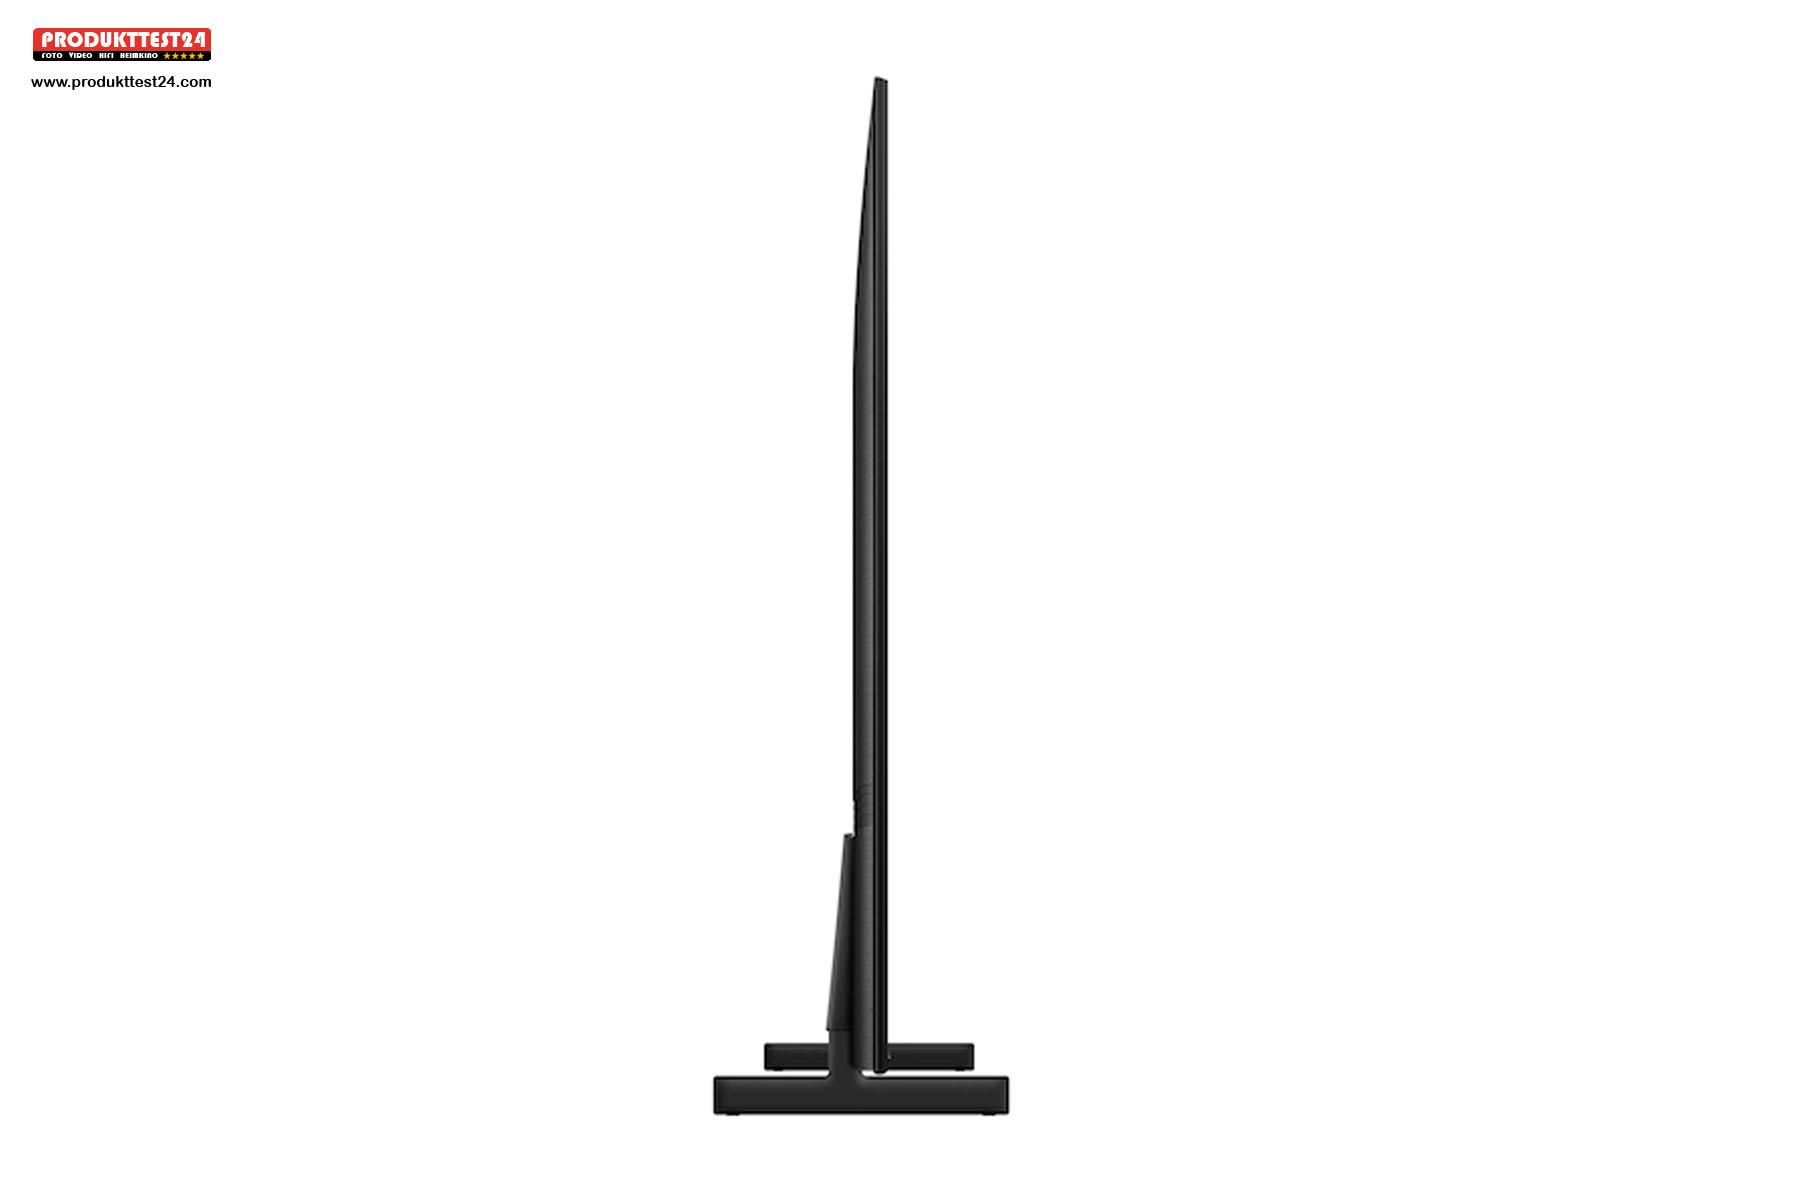 Ultra schlankes Air-Slim-Design. Der Samsung GU43AU8079 ist nur 2,6 cm tief.